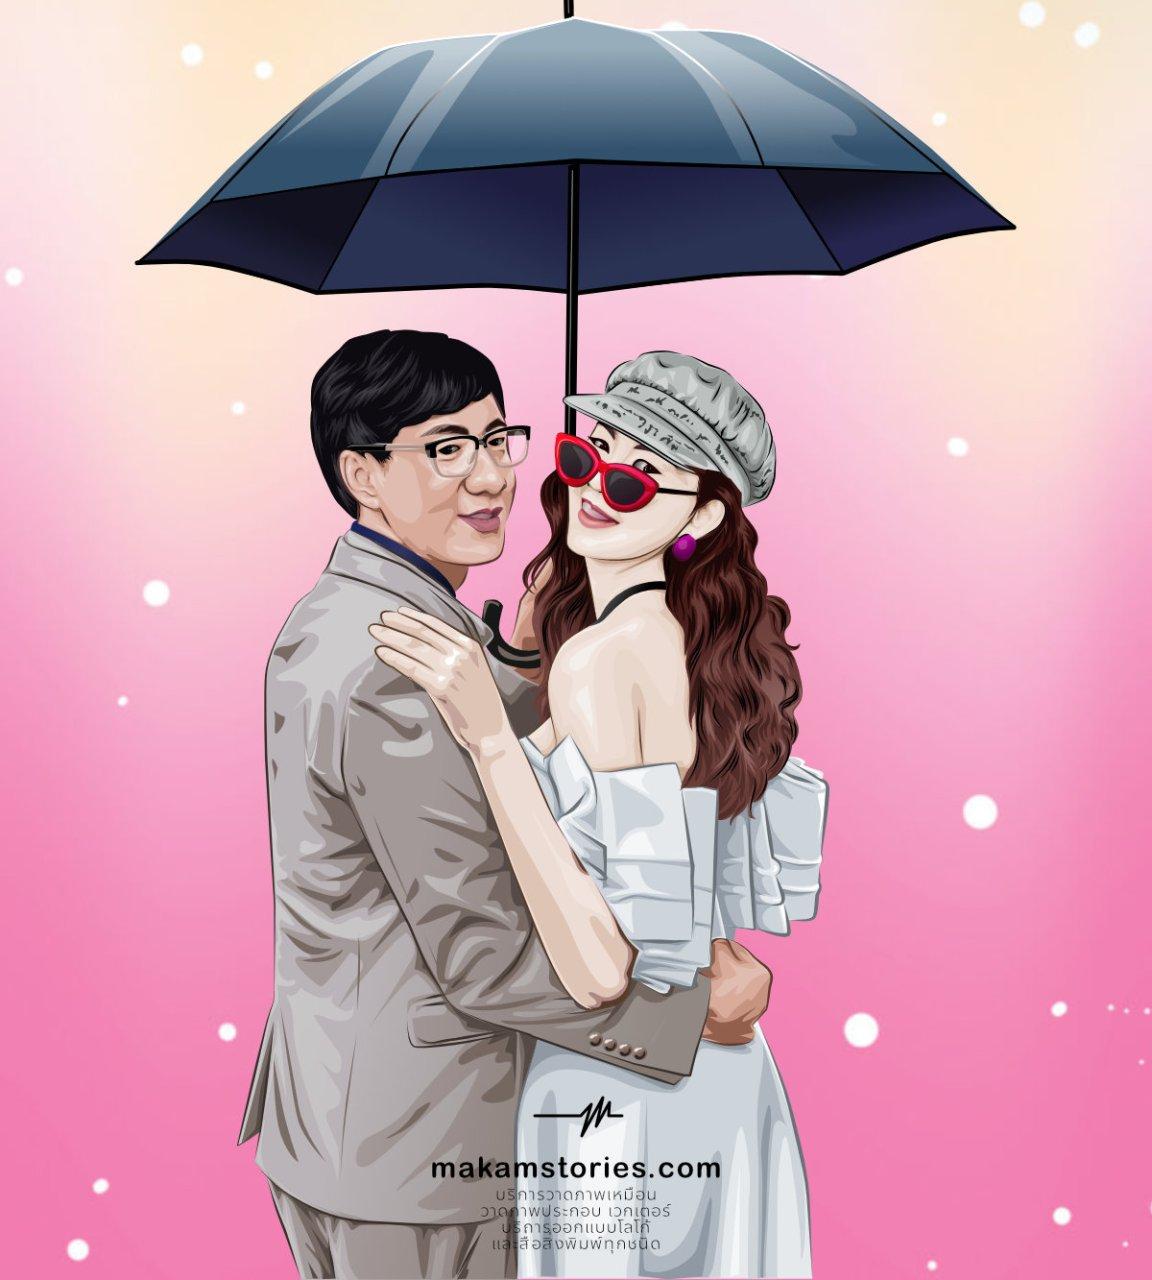 วาดภาพเหมือนสไตล์เวกเตอร์ ภาพวาดคู่รัก วาดภาพเหมือน Illustrator Vector Portrait ภาพวาดคู่บ่าวสาว ภาพวาดคู่รัก